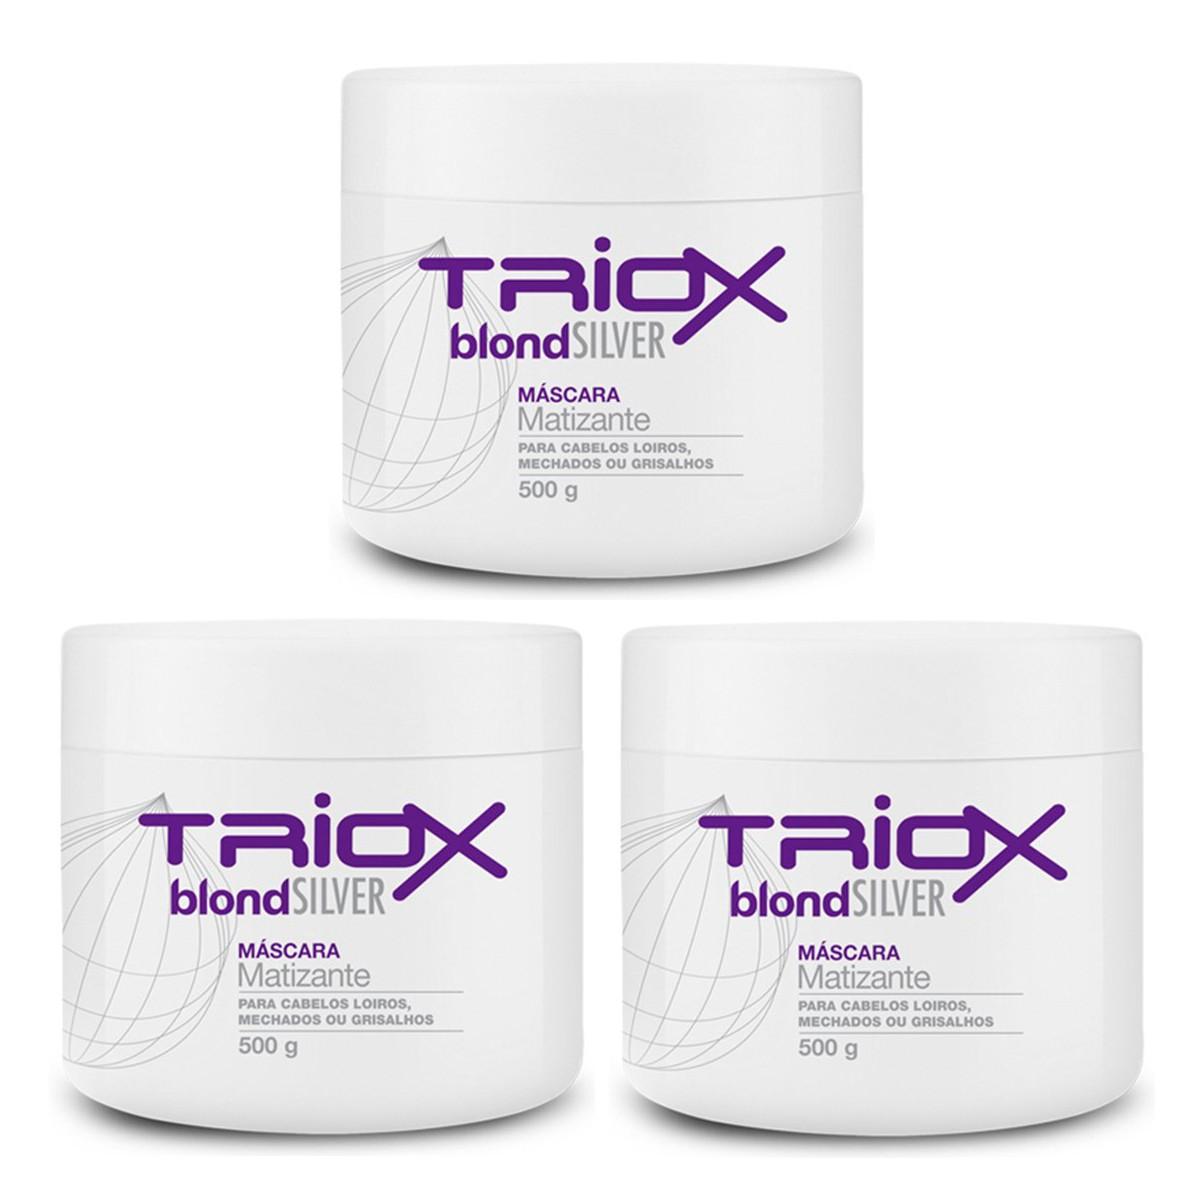 Máscara Blond Silver  Matizante Para Cabelos Loiros, Mechados e Grisalhos 500g  - Triox 3 unidades